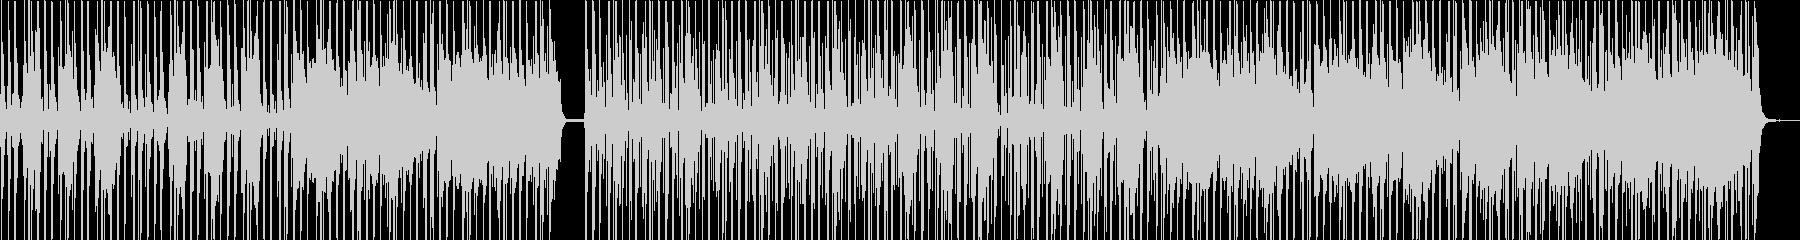 リズミカルでヘビーなシンセサウンドの未再生の波形